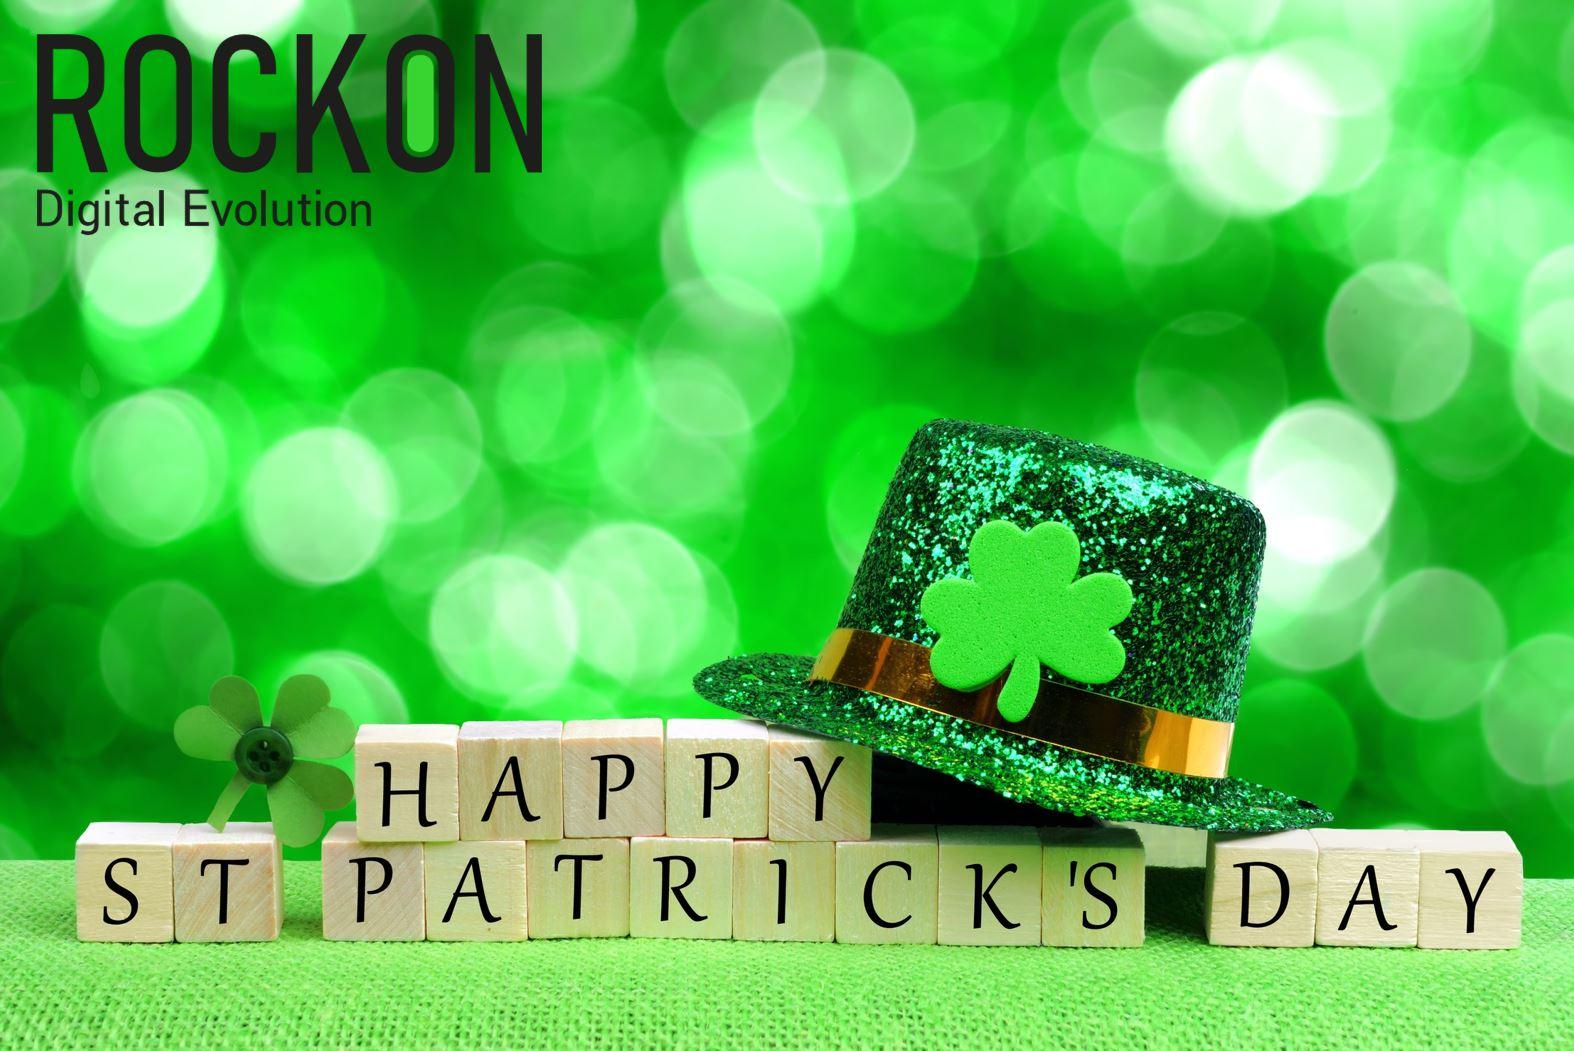 St. Patricksday_ROCKON